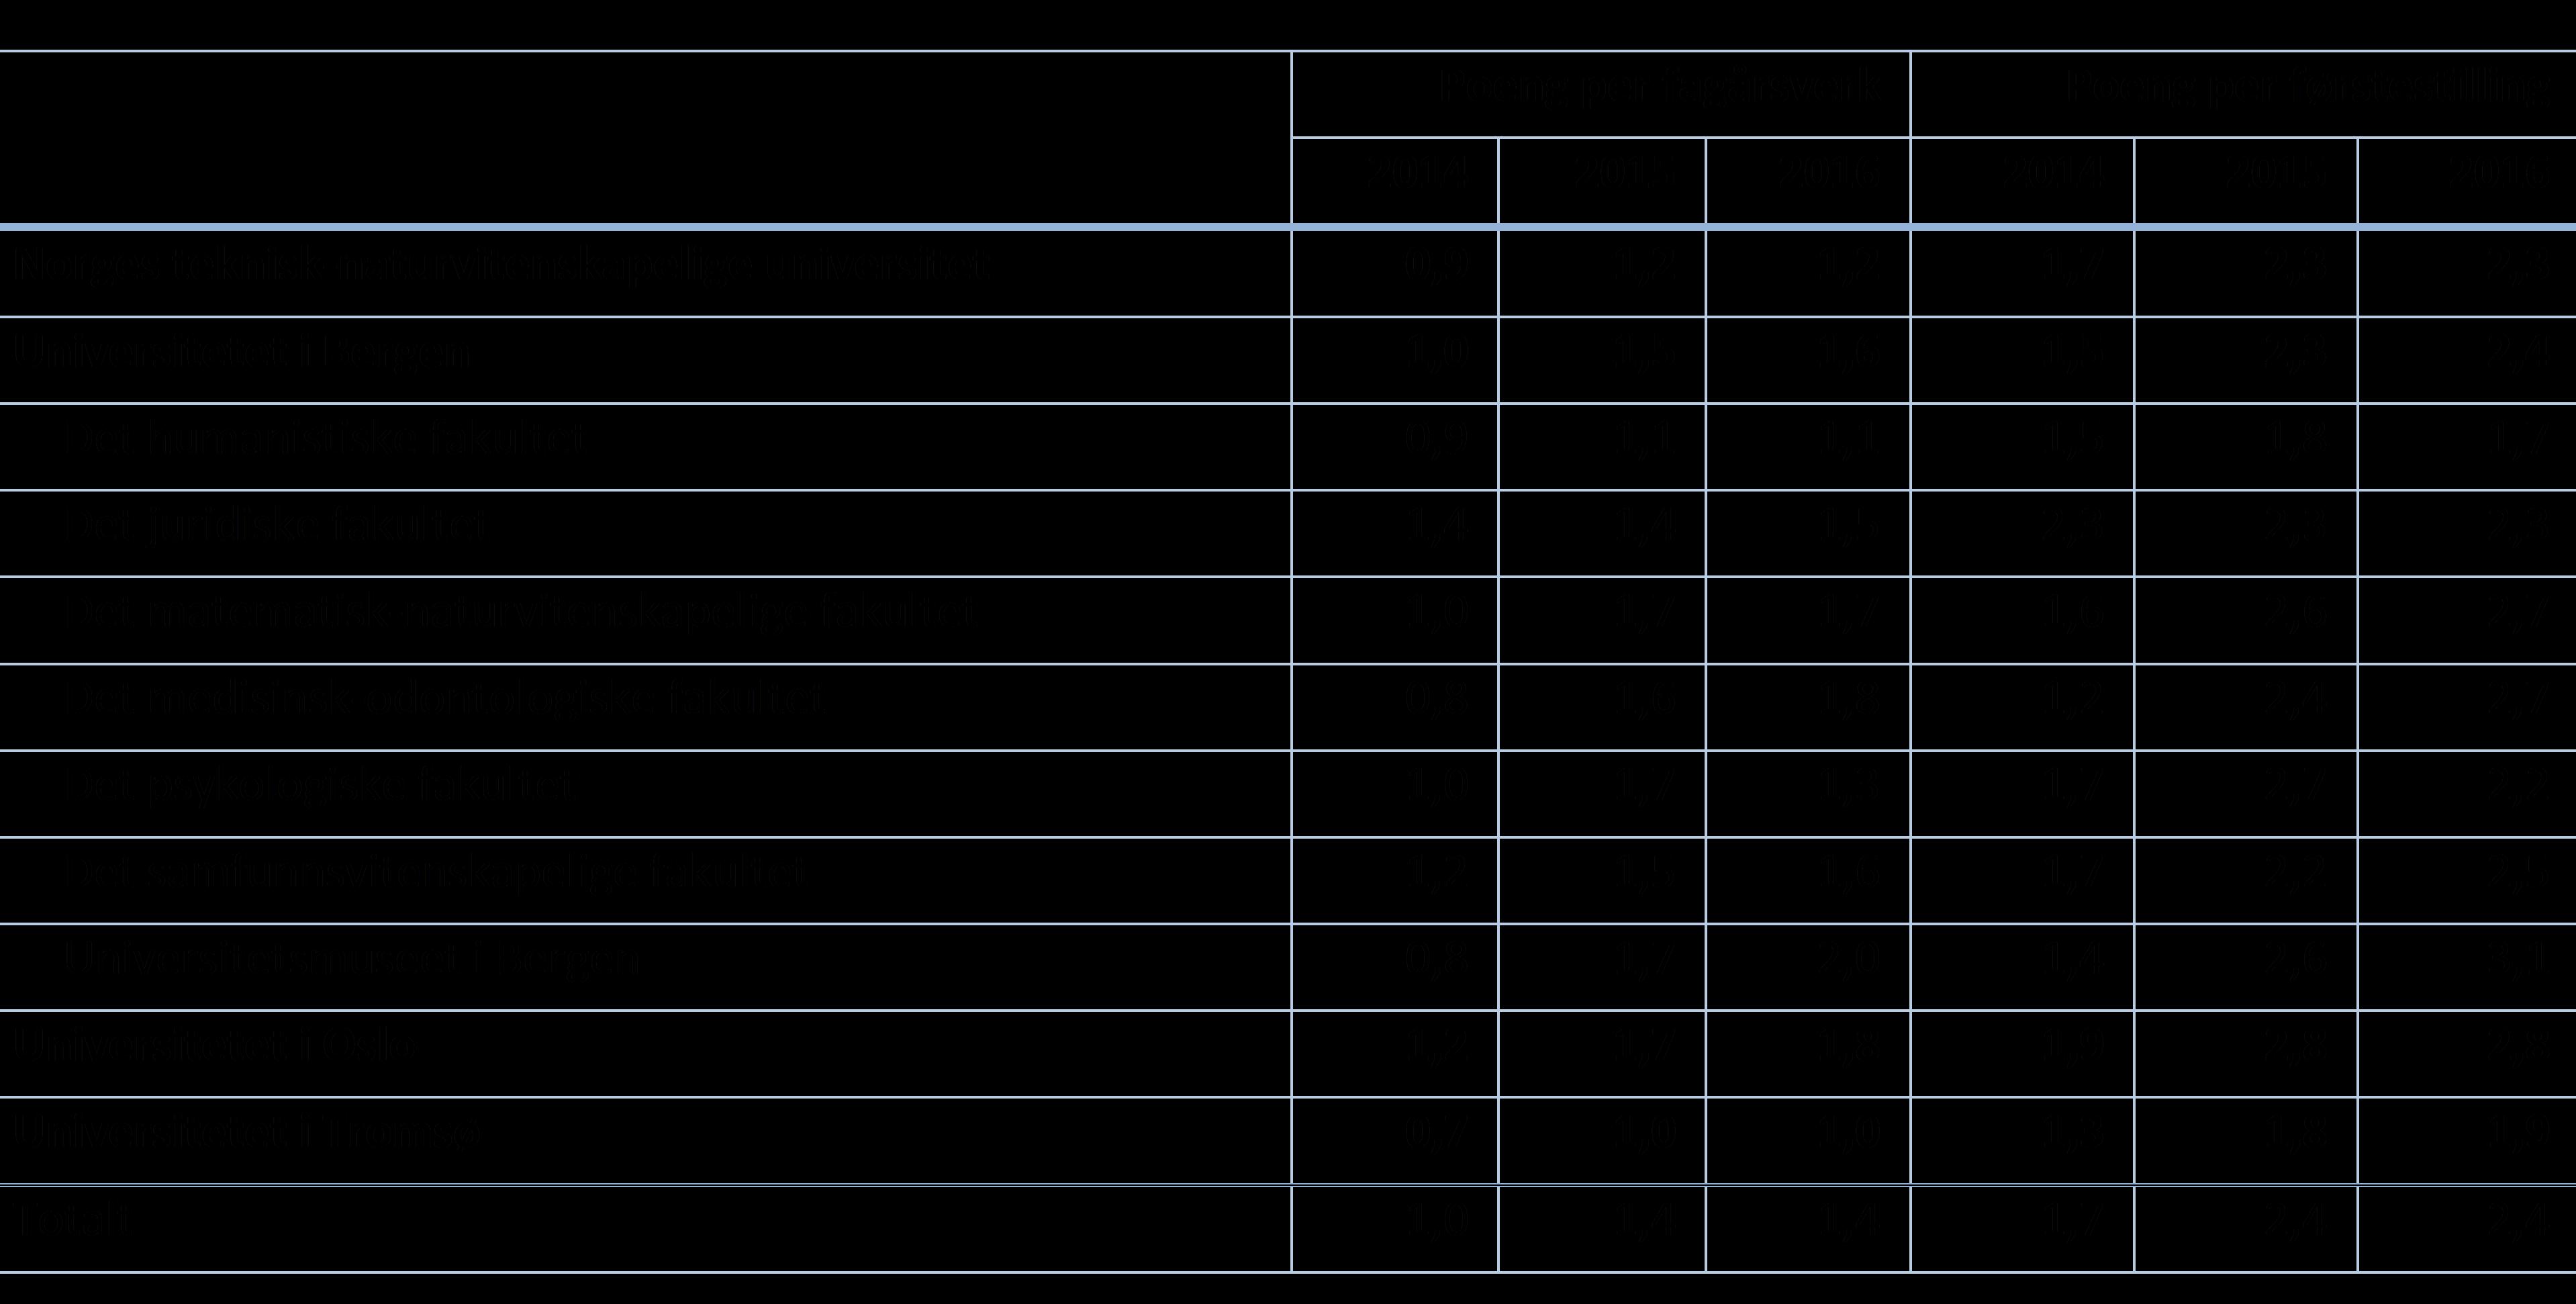 Tabell 2: Sum publikasjonspoeng per fagårsverk (UFF) og førstestilling for perioden 2014- 2016 (DBH). Undervisnings-, forsknings- og formidlingsstillinger (UFF) inkluderer høgskolelærer, høgskolelektor, universitetslektor, amanuensis, universitetslektor, stipendiat i tillegg til stillingene listet under førstestillinger. Førstestillinger inkluderer professor, førsteamanuensis, høgskoledosent, forsker, førstelektor, postdoktor, undervisningsdosent, dosent, professor II, forskningssjef. Merk at forsker og forskningssjef ikke var med i denne kategorien tidligere.